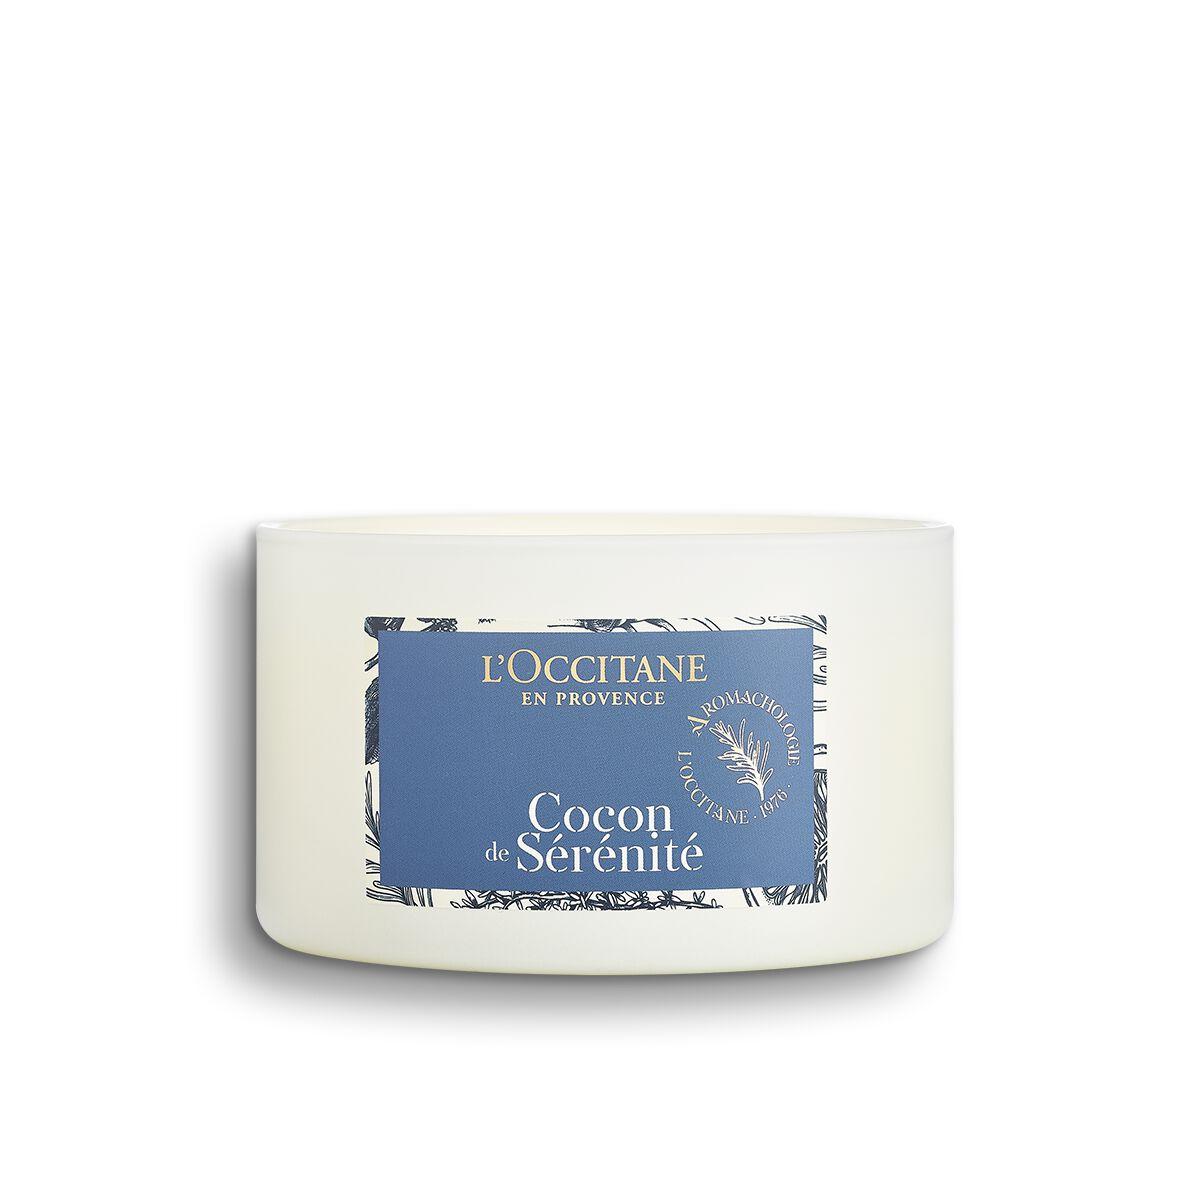 Cocon de Sérénité Relaxing Candle 15.5 oz.